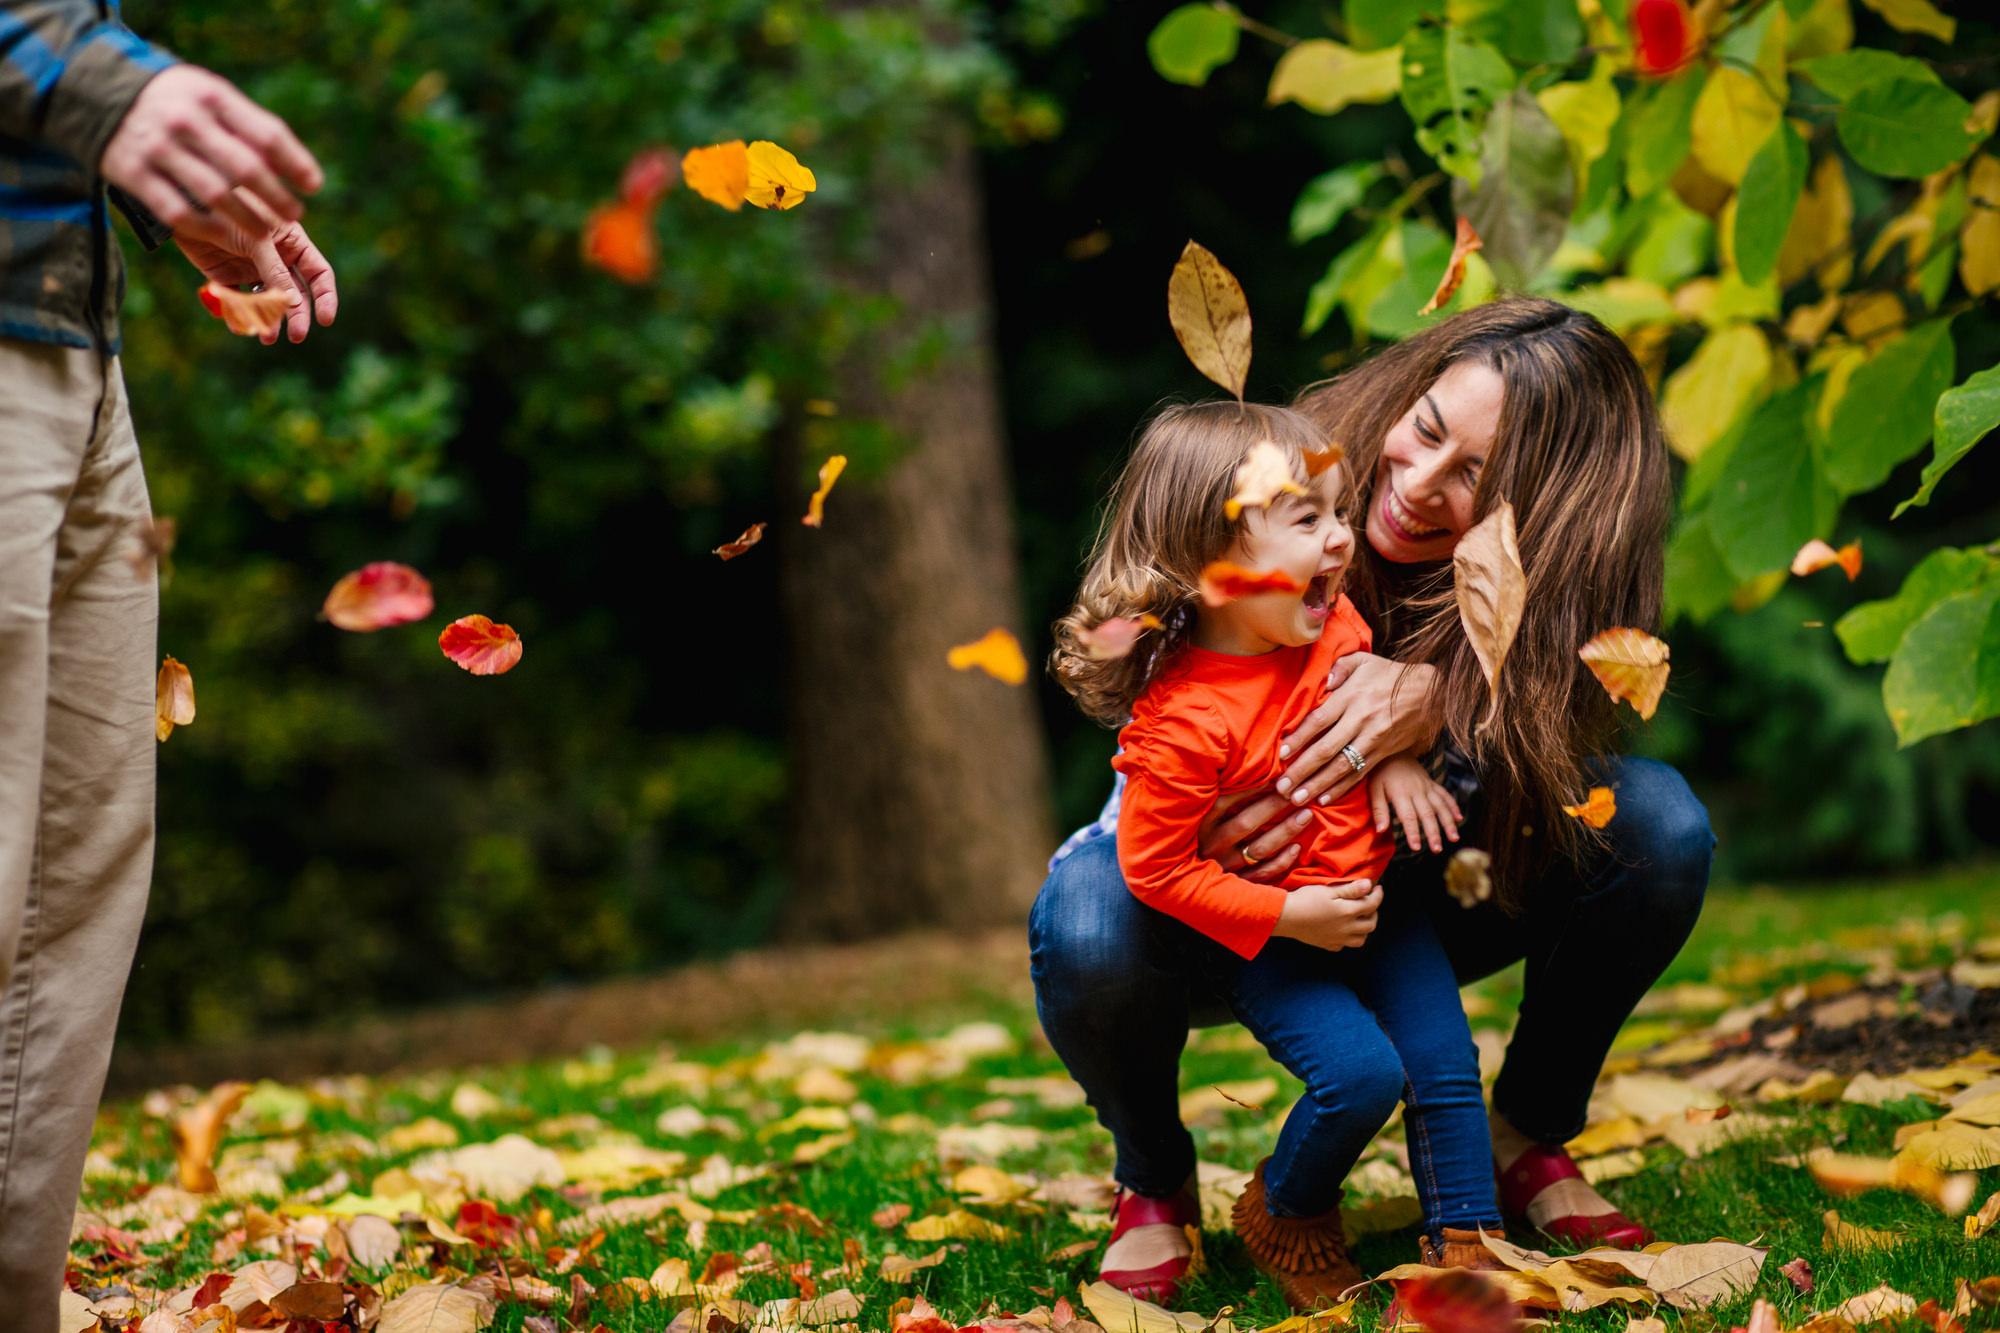 roberts_family_photos_portland_rose_garden010